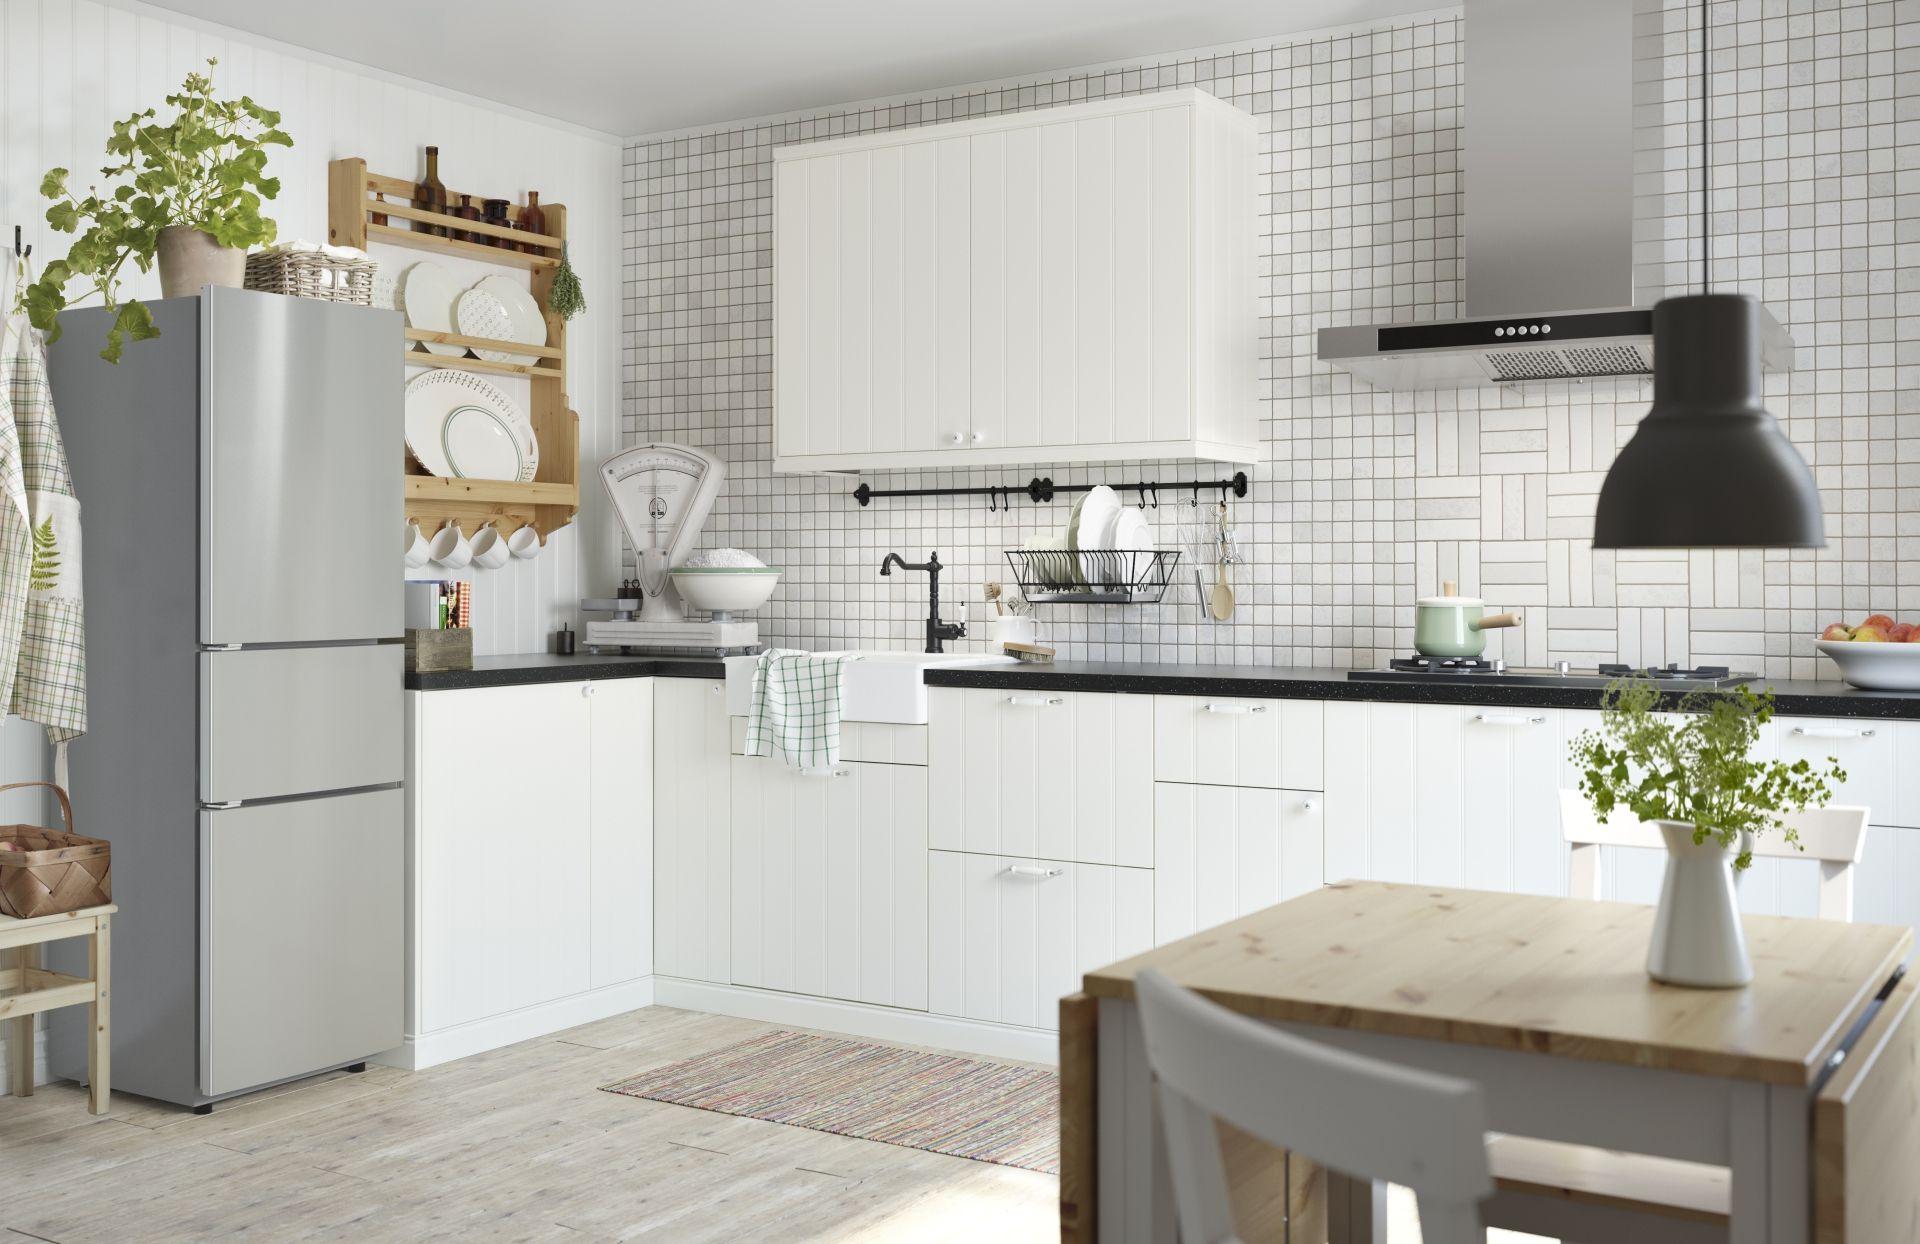 Opbergers Ikea Keuken : Metod hittarp keuken ikea ikeanl ikeanederland inspiratie